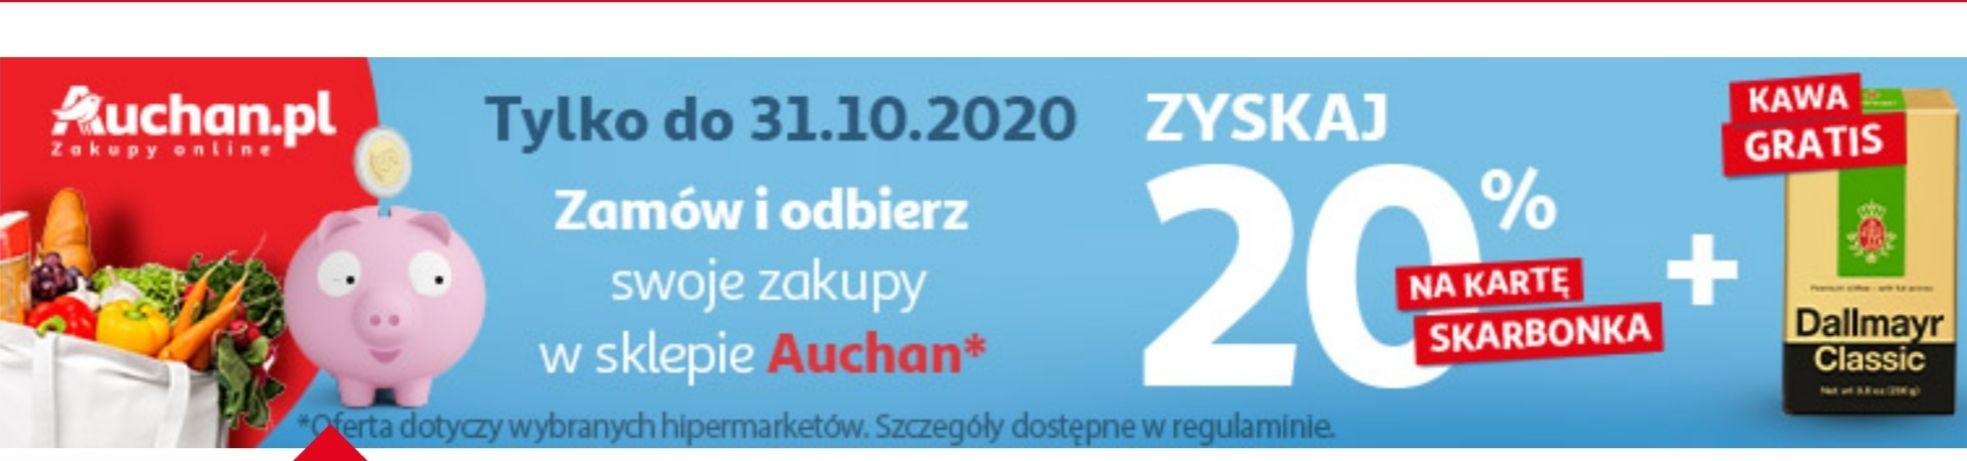 20% na kartę skarbonka w Auchan przy zakupach online